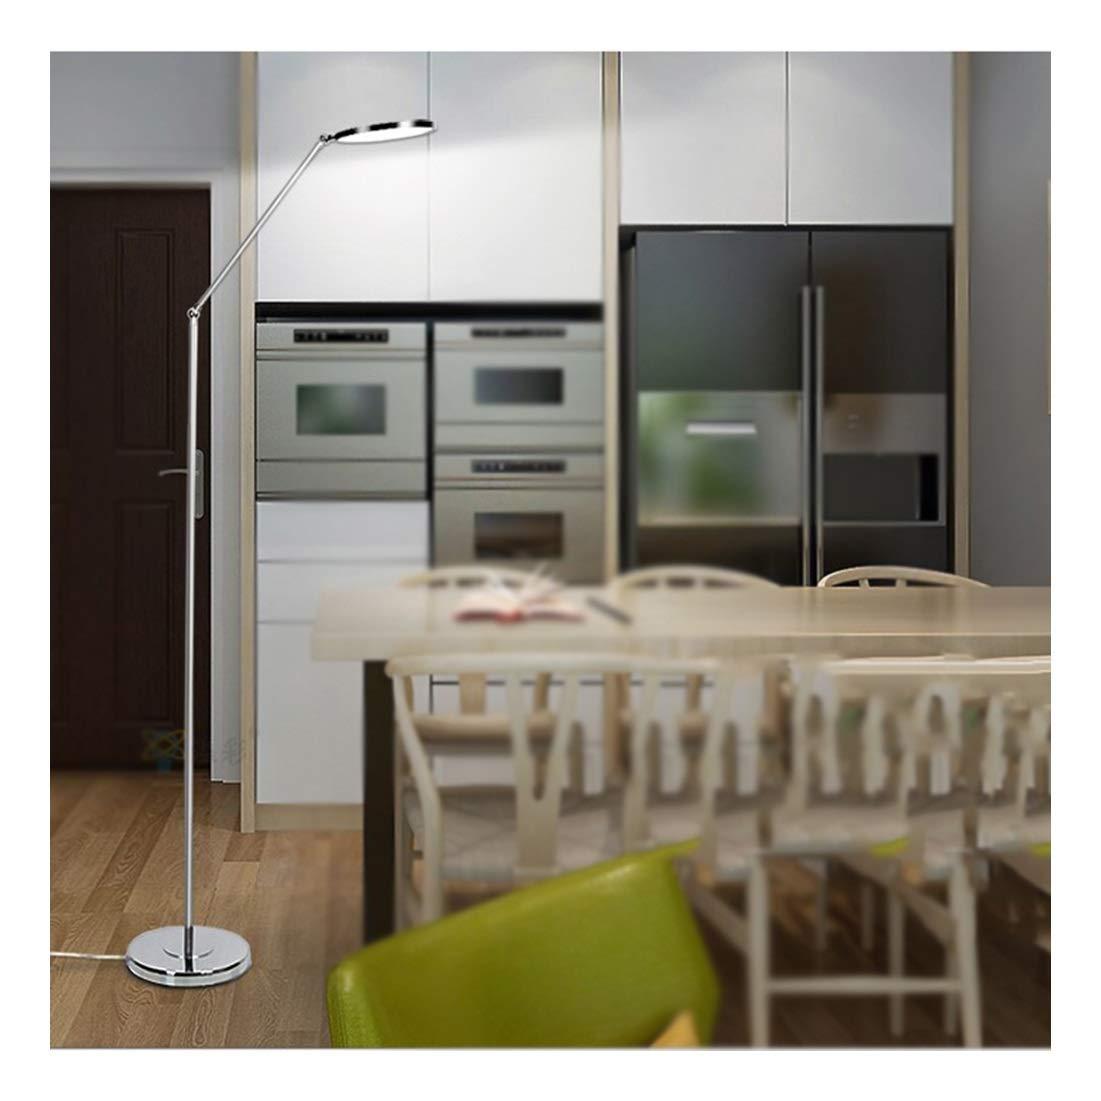 【送料無料】 NKDK 床ランプ - - 寝室のレイアウト床ランプの目の保護はリビングルームの寝室ランプ研究読書クリエイティブ -153 フロアランプ (サイズ white 無段階調光) さいず : 無段階調光) B07QD9S5KT Single white Single white, サイバーレップス:14f1cf1a --- wattsimages.com